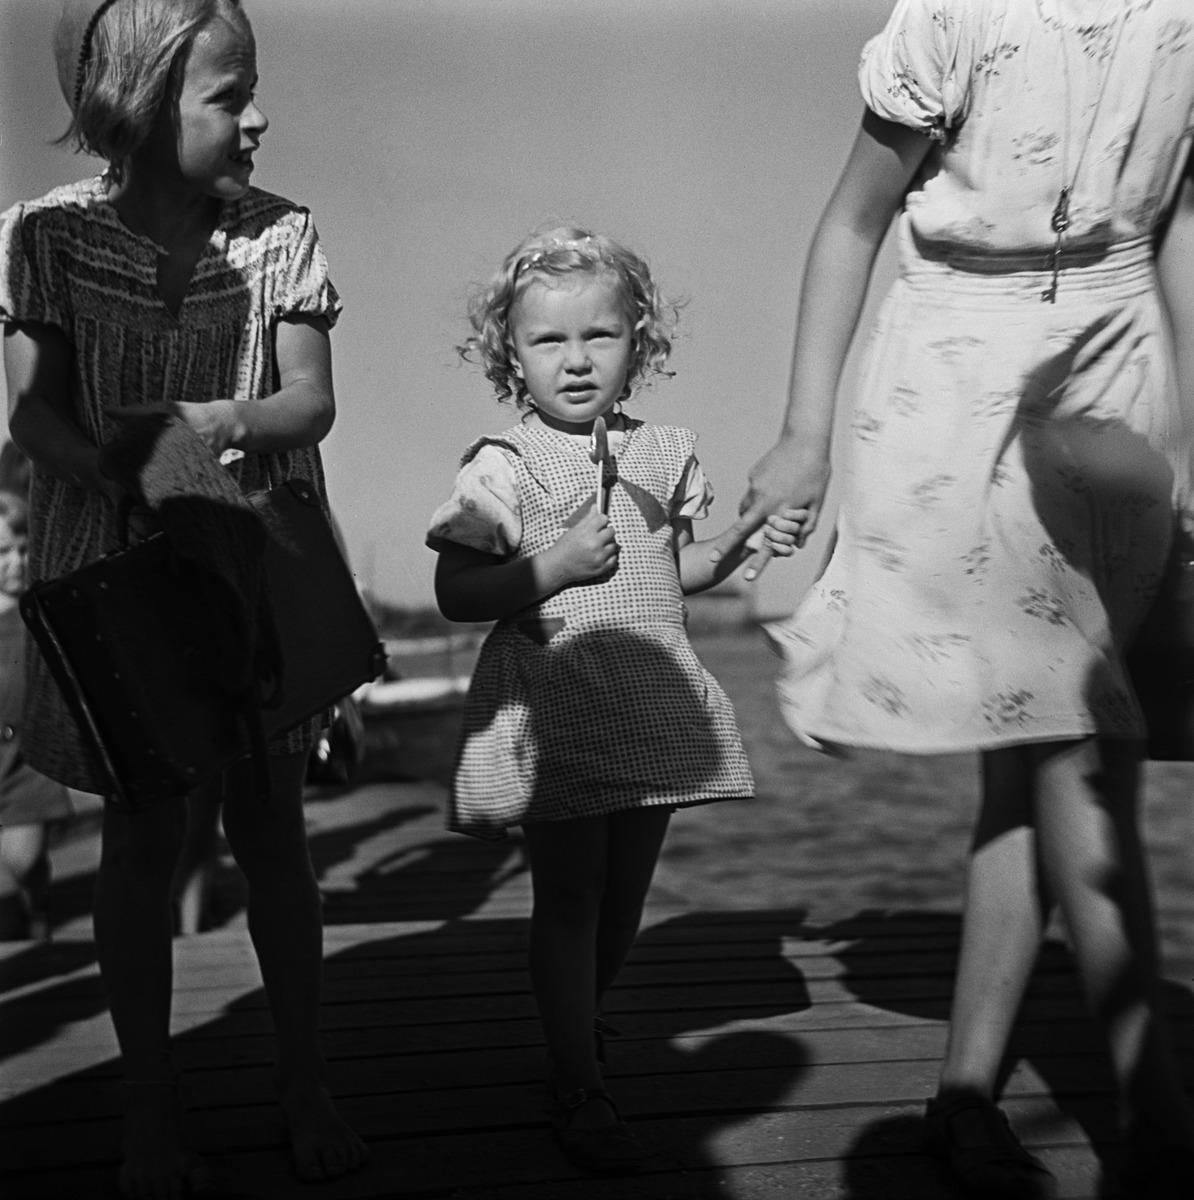 Kaksi pikkutyttöa isomman tytön kanssa laiturilla